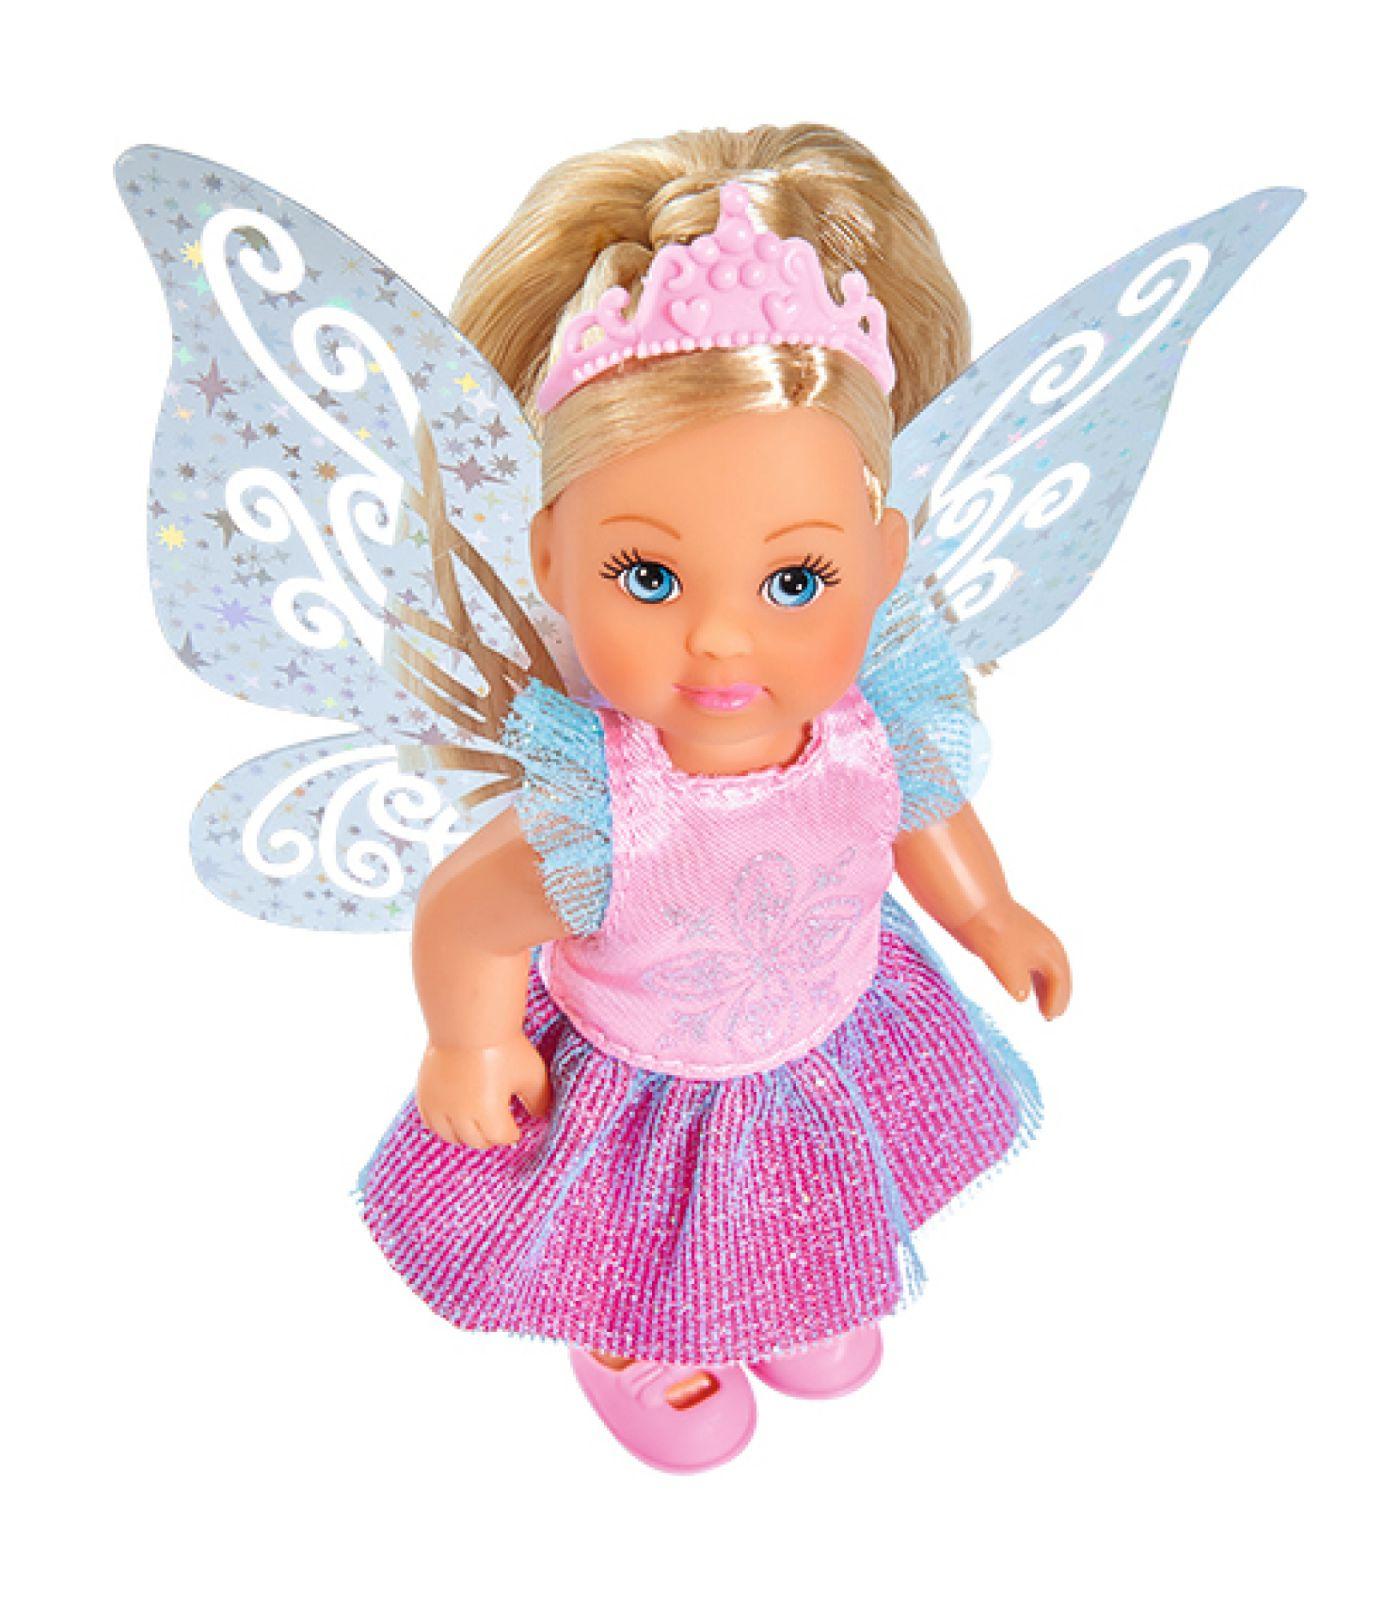 Купить Кукла Еви - фея, 2 вида, 12 см, Simba